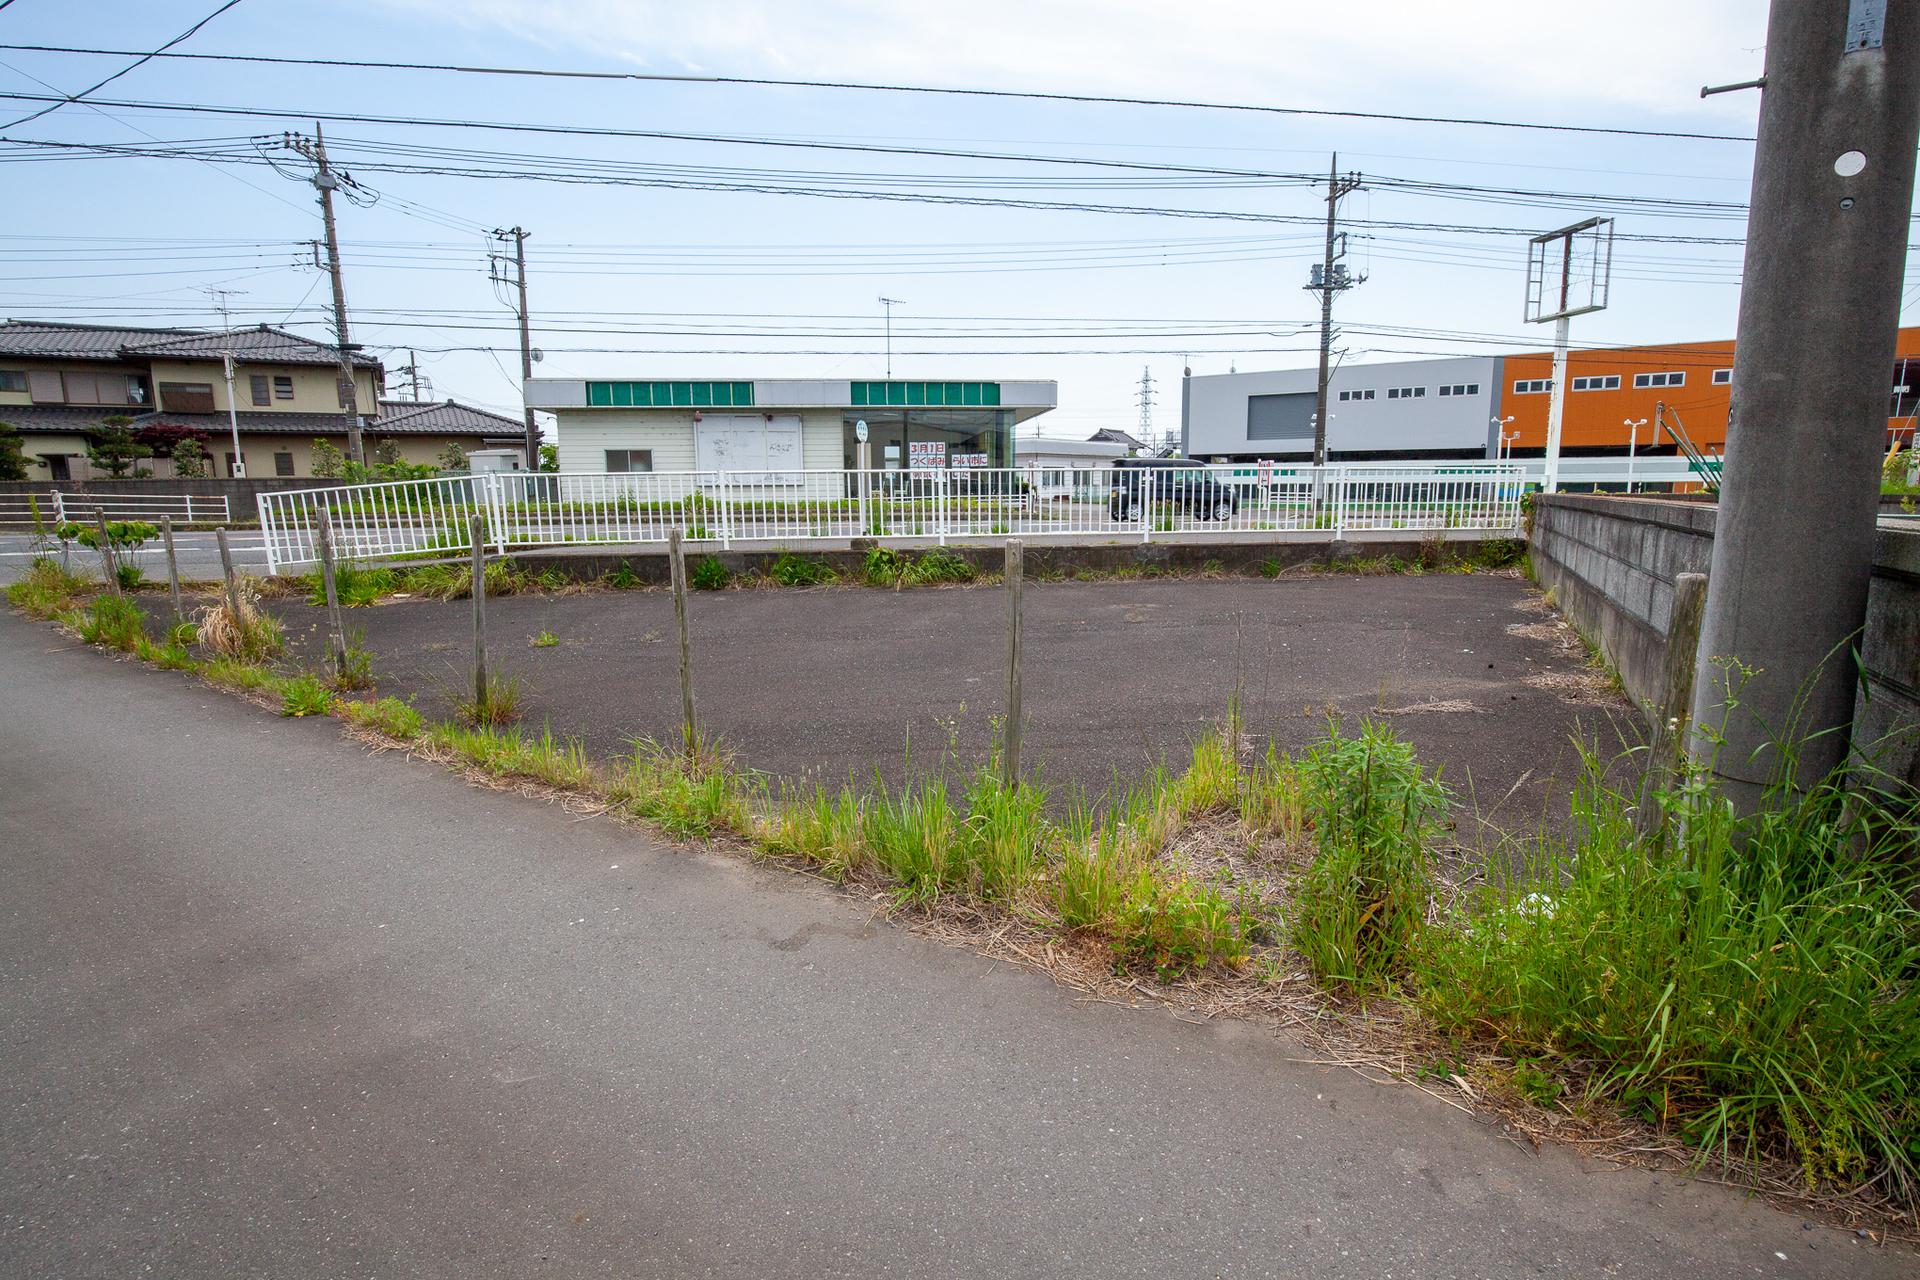 f:id:akichiniiko:20190515173913j:plain